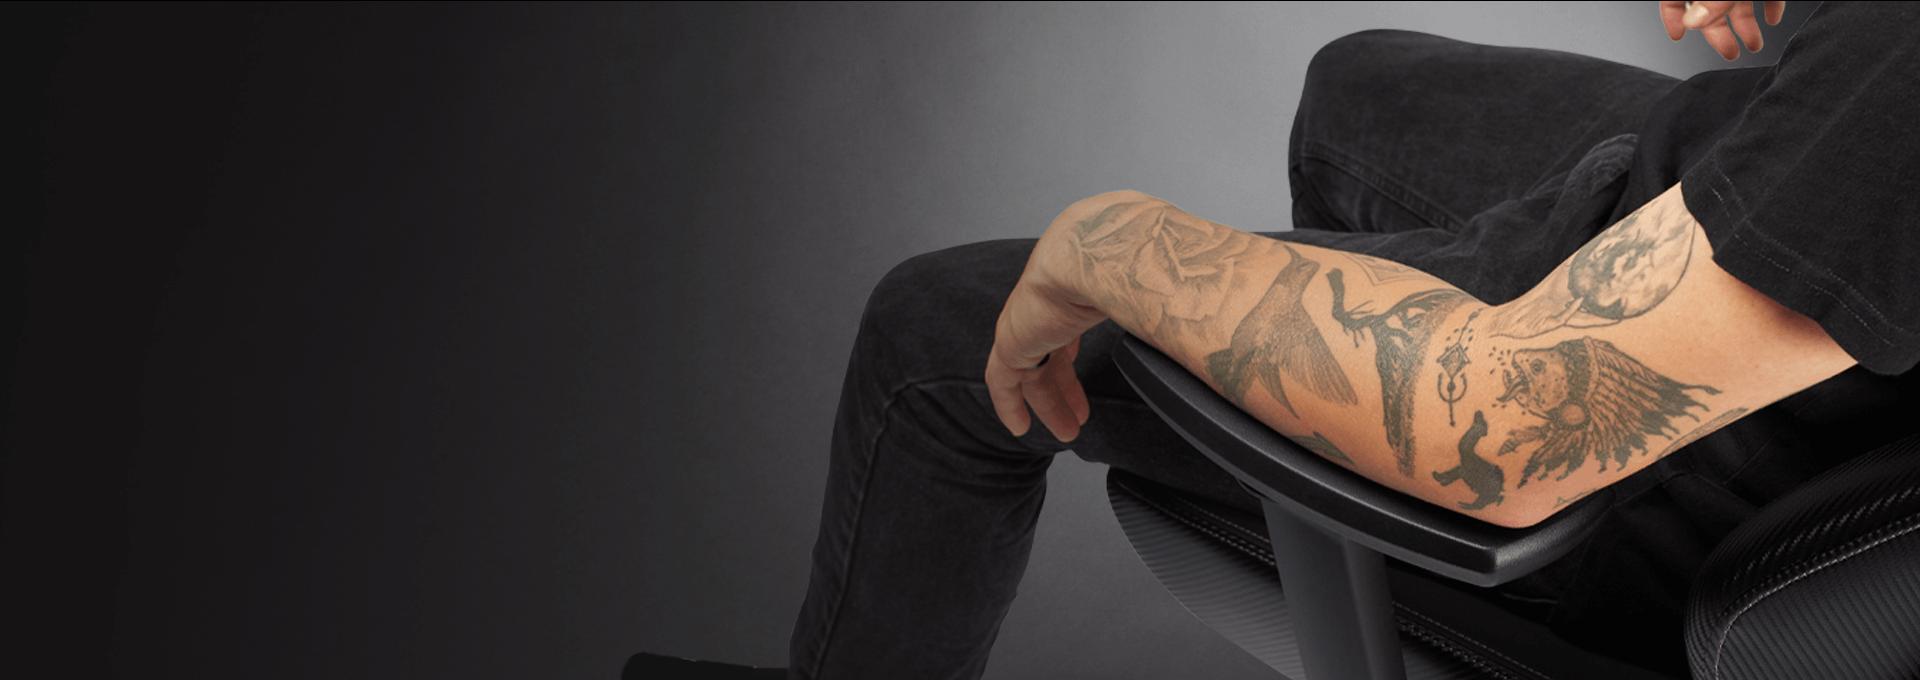 Ghế Gamer CoolerMaster Caliber X1 (CMI-GCX1-2019) trang bị kê tay 4D giúp điều chỉnh tay tiện lợi